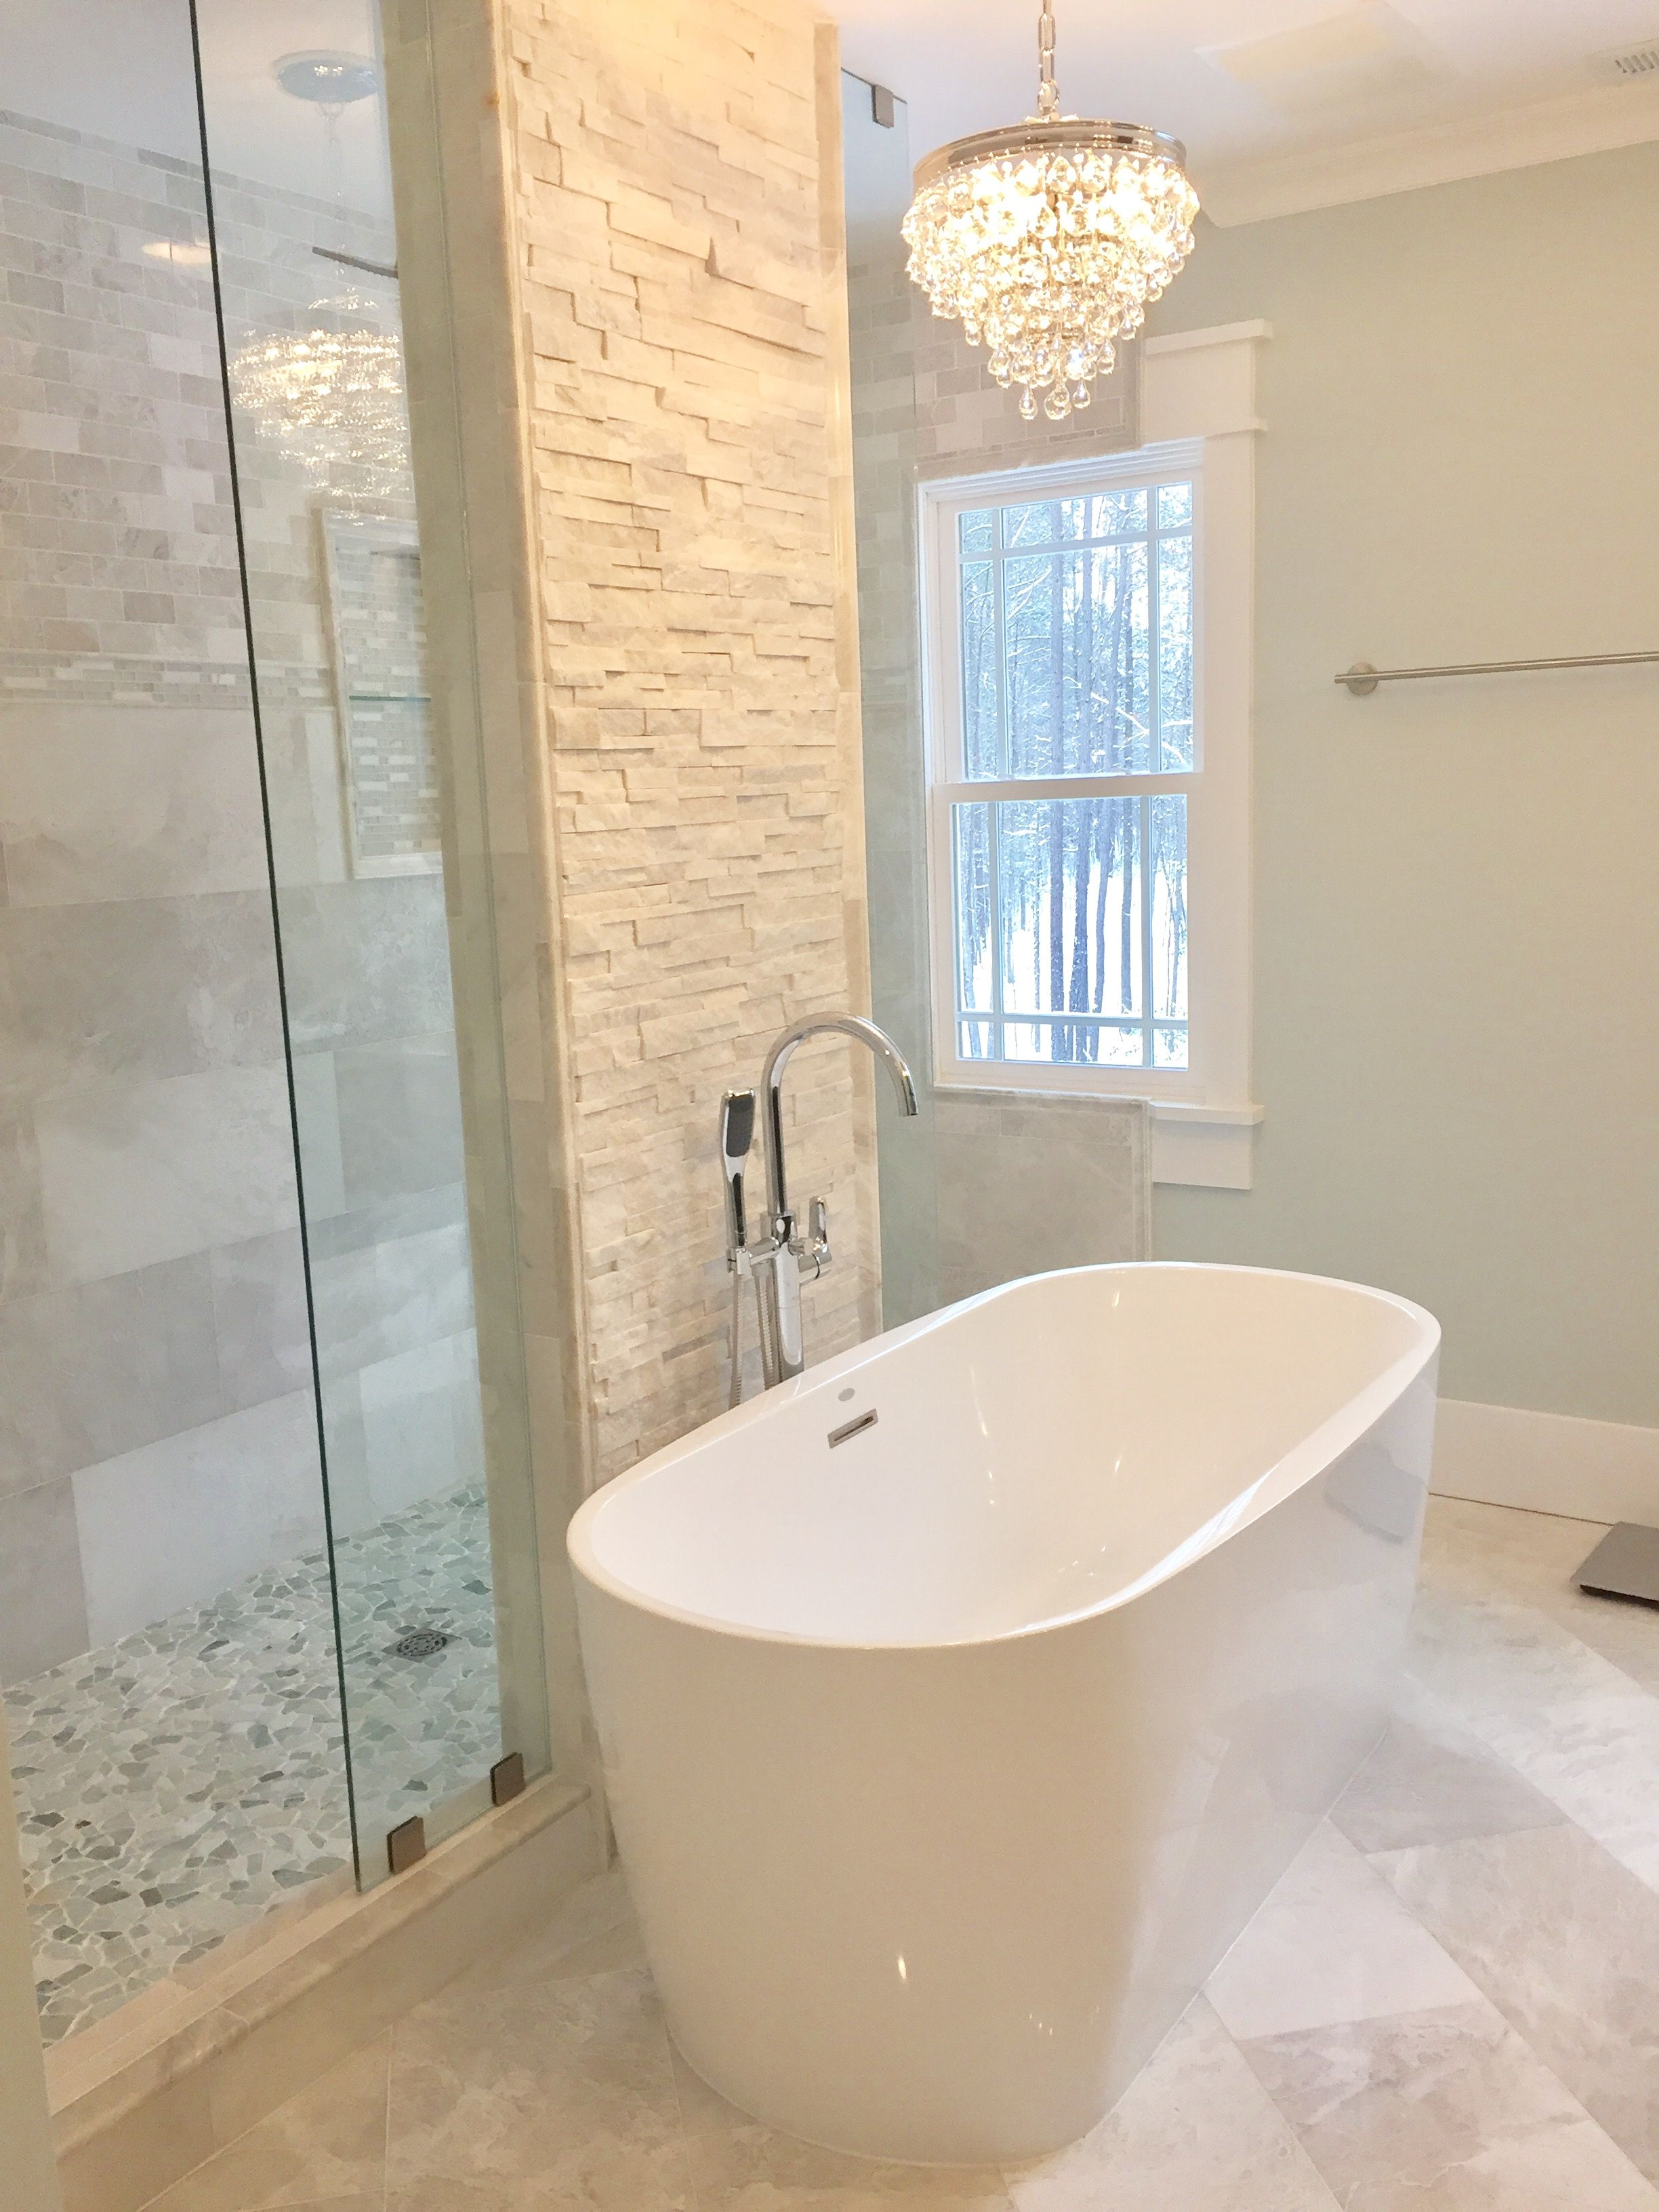 Walk through shower and free standing tub. www.premierstructuresbiz ...